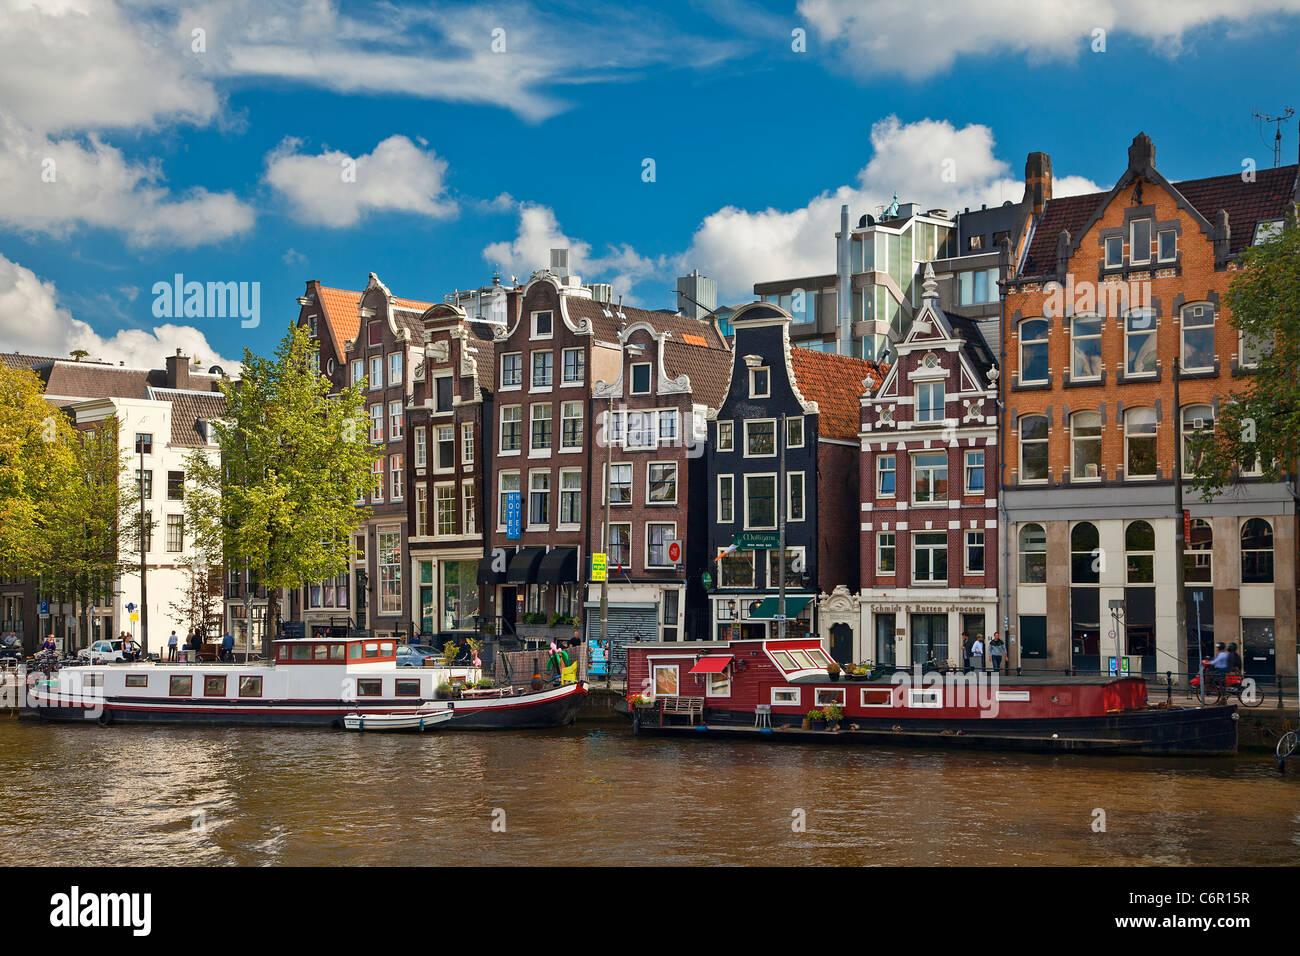 Europa, Paesi Bassi, Canal in Amsterdam Immagini Stock